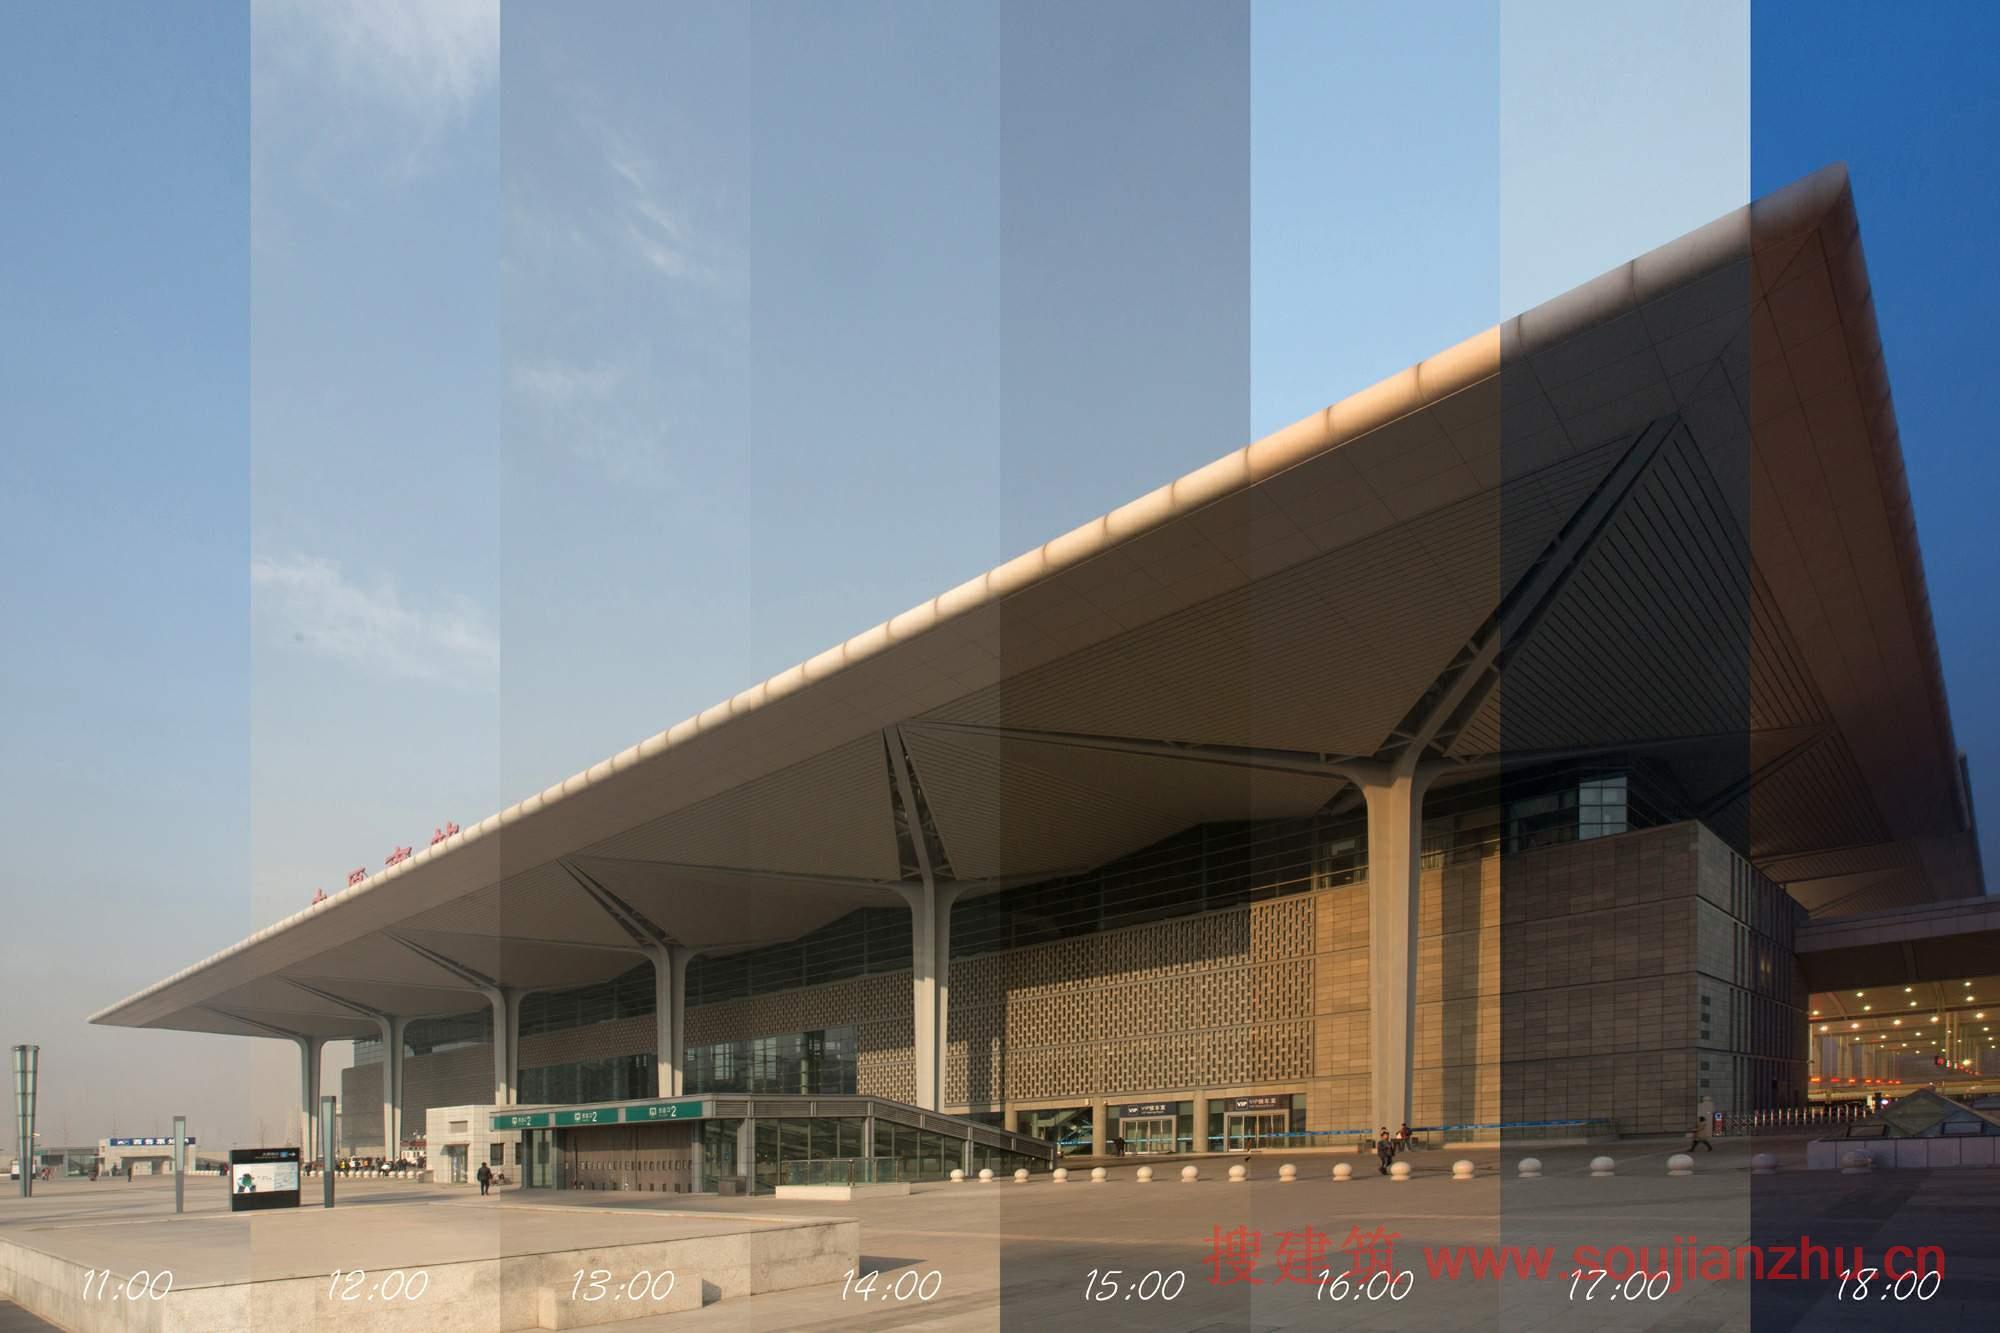 建筑师:CSADI 地点:山西 太原 面积:183952平方米 年份:2014  太原南站,其车场规模为10台22线,总建筑面积为183952平方米。是石太铁路客运专线上重要的枢纽站之一,是一座集铁路、城市轨道、交通换乘功能于一体的现代化大型交通枢纽,最高聚集人流量为4000多人。  建筑空间、技术和材料的完美结合,该站是由最先进的技术设计的,代表着区域特色,打造出高质量、高使用寿命的建筑。在建筑内部,其设计理念体现了传统的等候式车站向未来的通过式车站发展的理念,强调旅客进站出站的直接性,旅客进出站